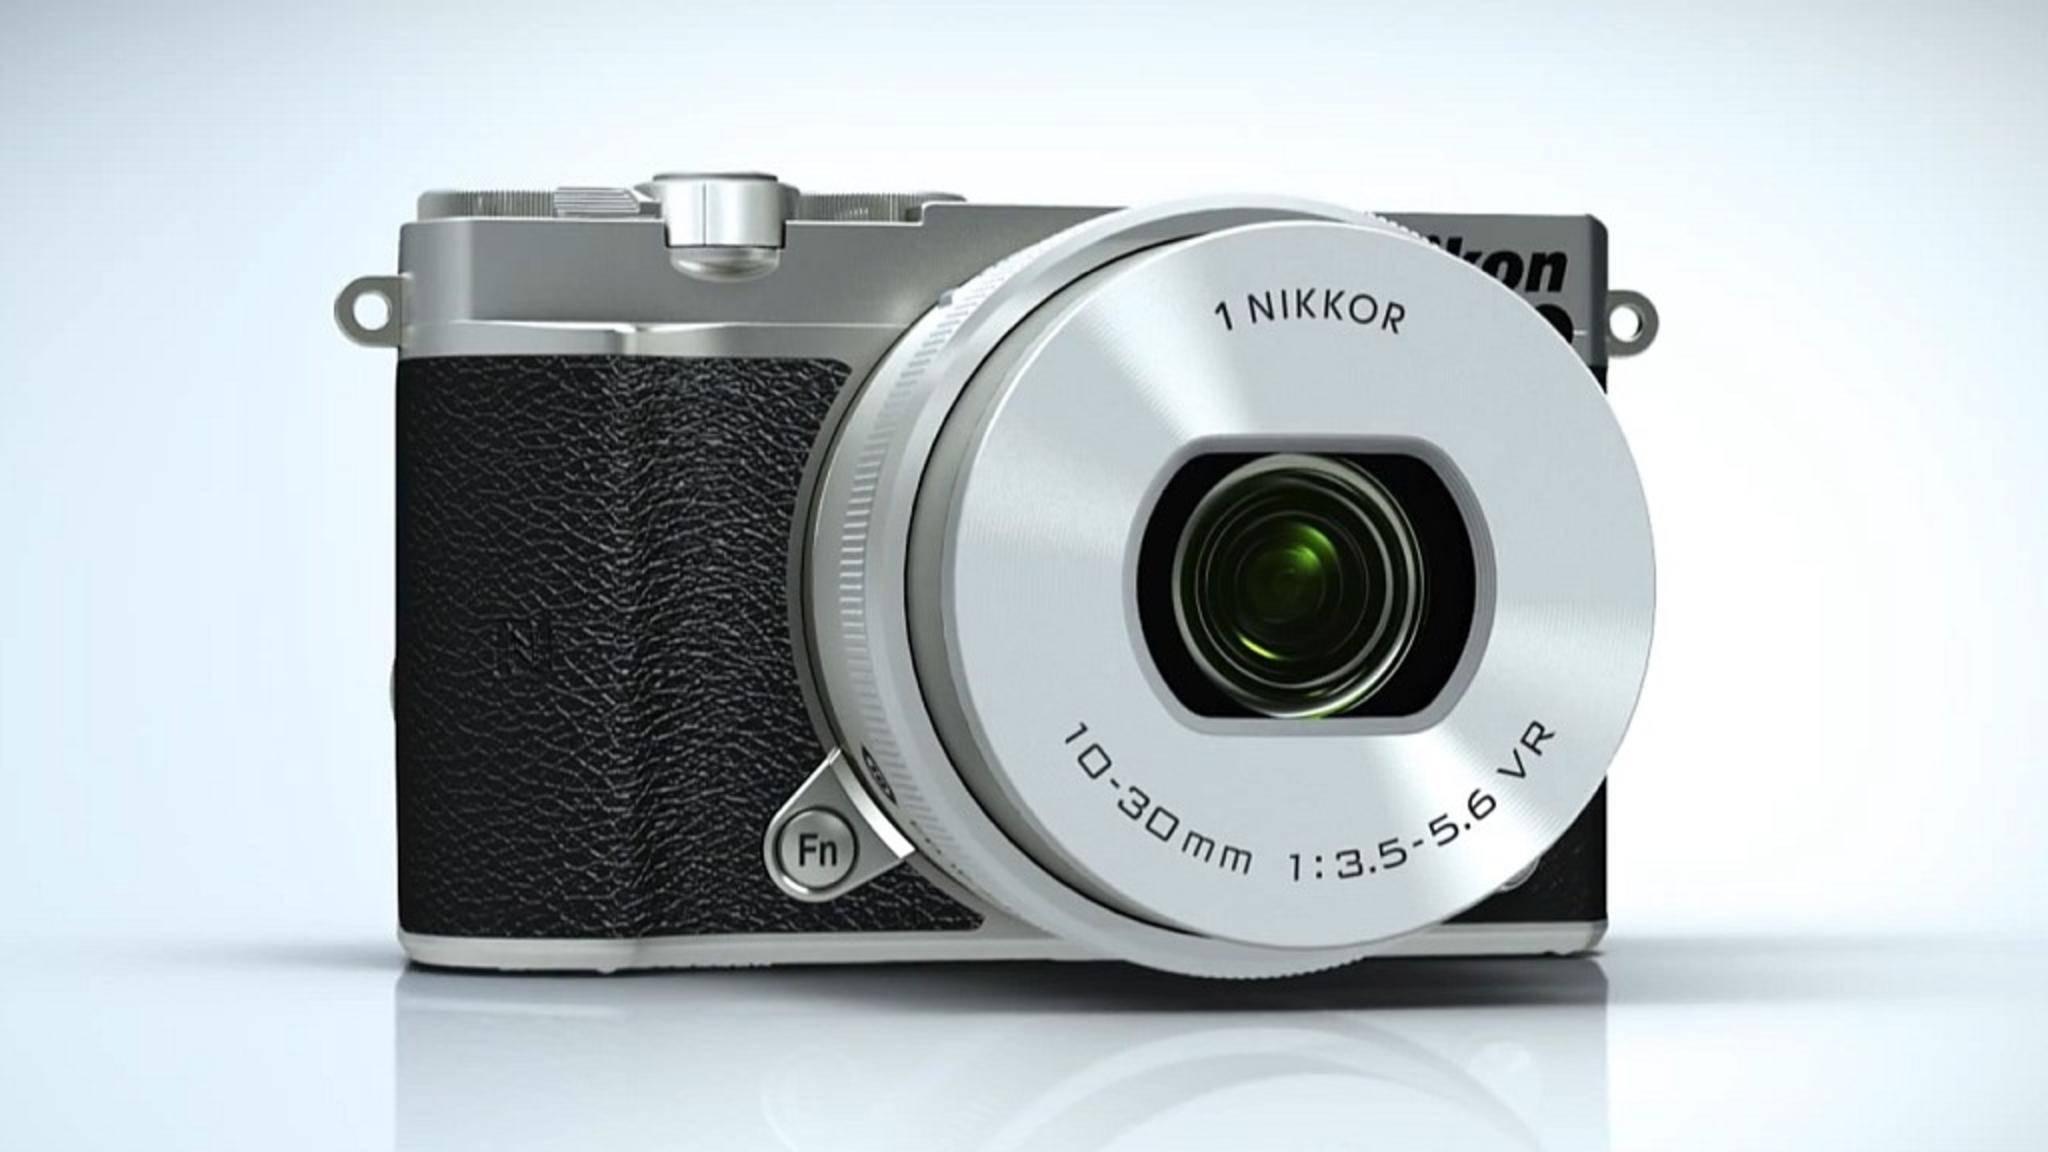 Dank gebogenem Sensor könnte Nikon eine neue Generation von Kompaktkameras auf den markt bringen.